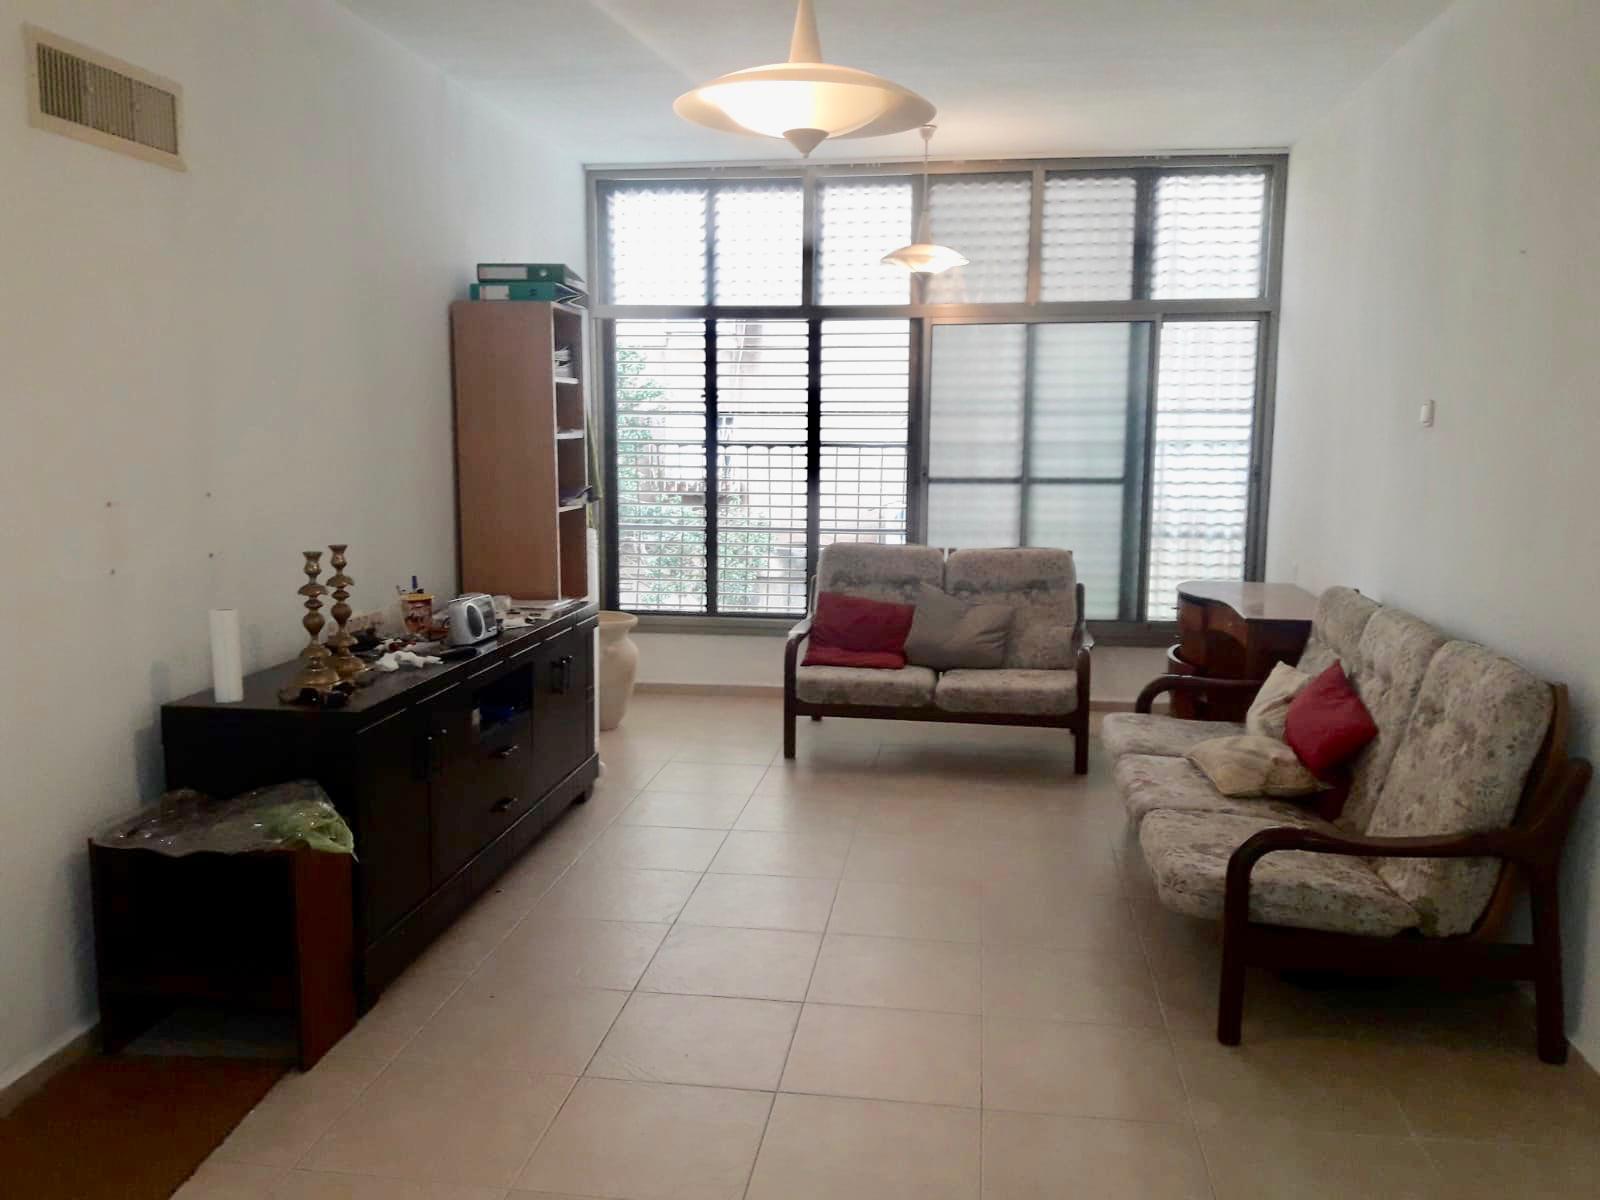 דירת 3 חדרים במיקום מרכזי בקריית מוצקין